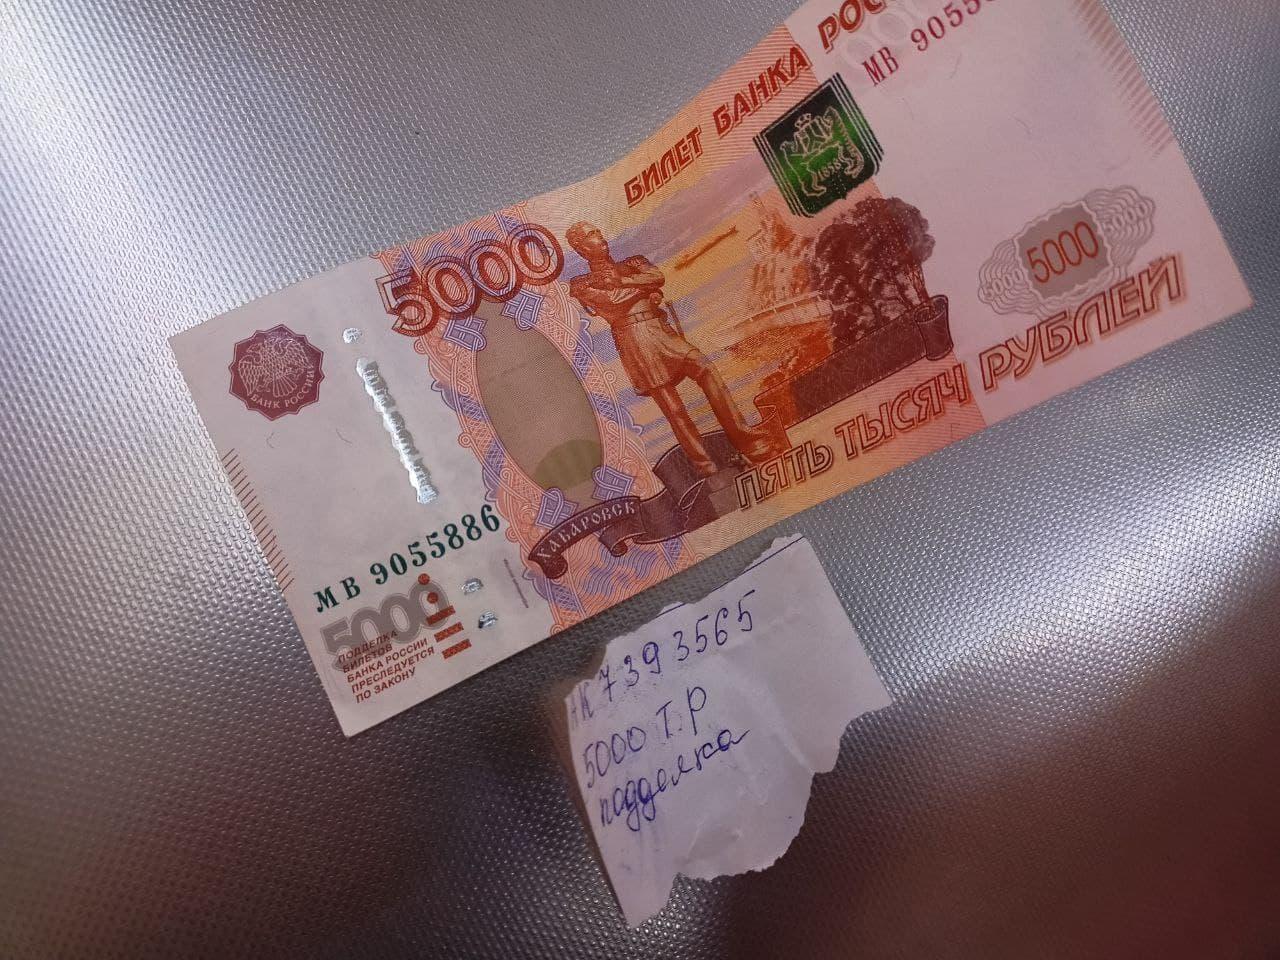 Осторожно! В супермаркетах Читы появились фальшивые пятитысячные купюры.